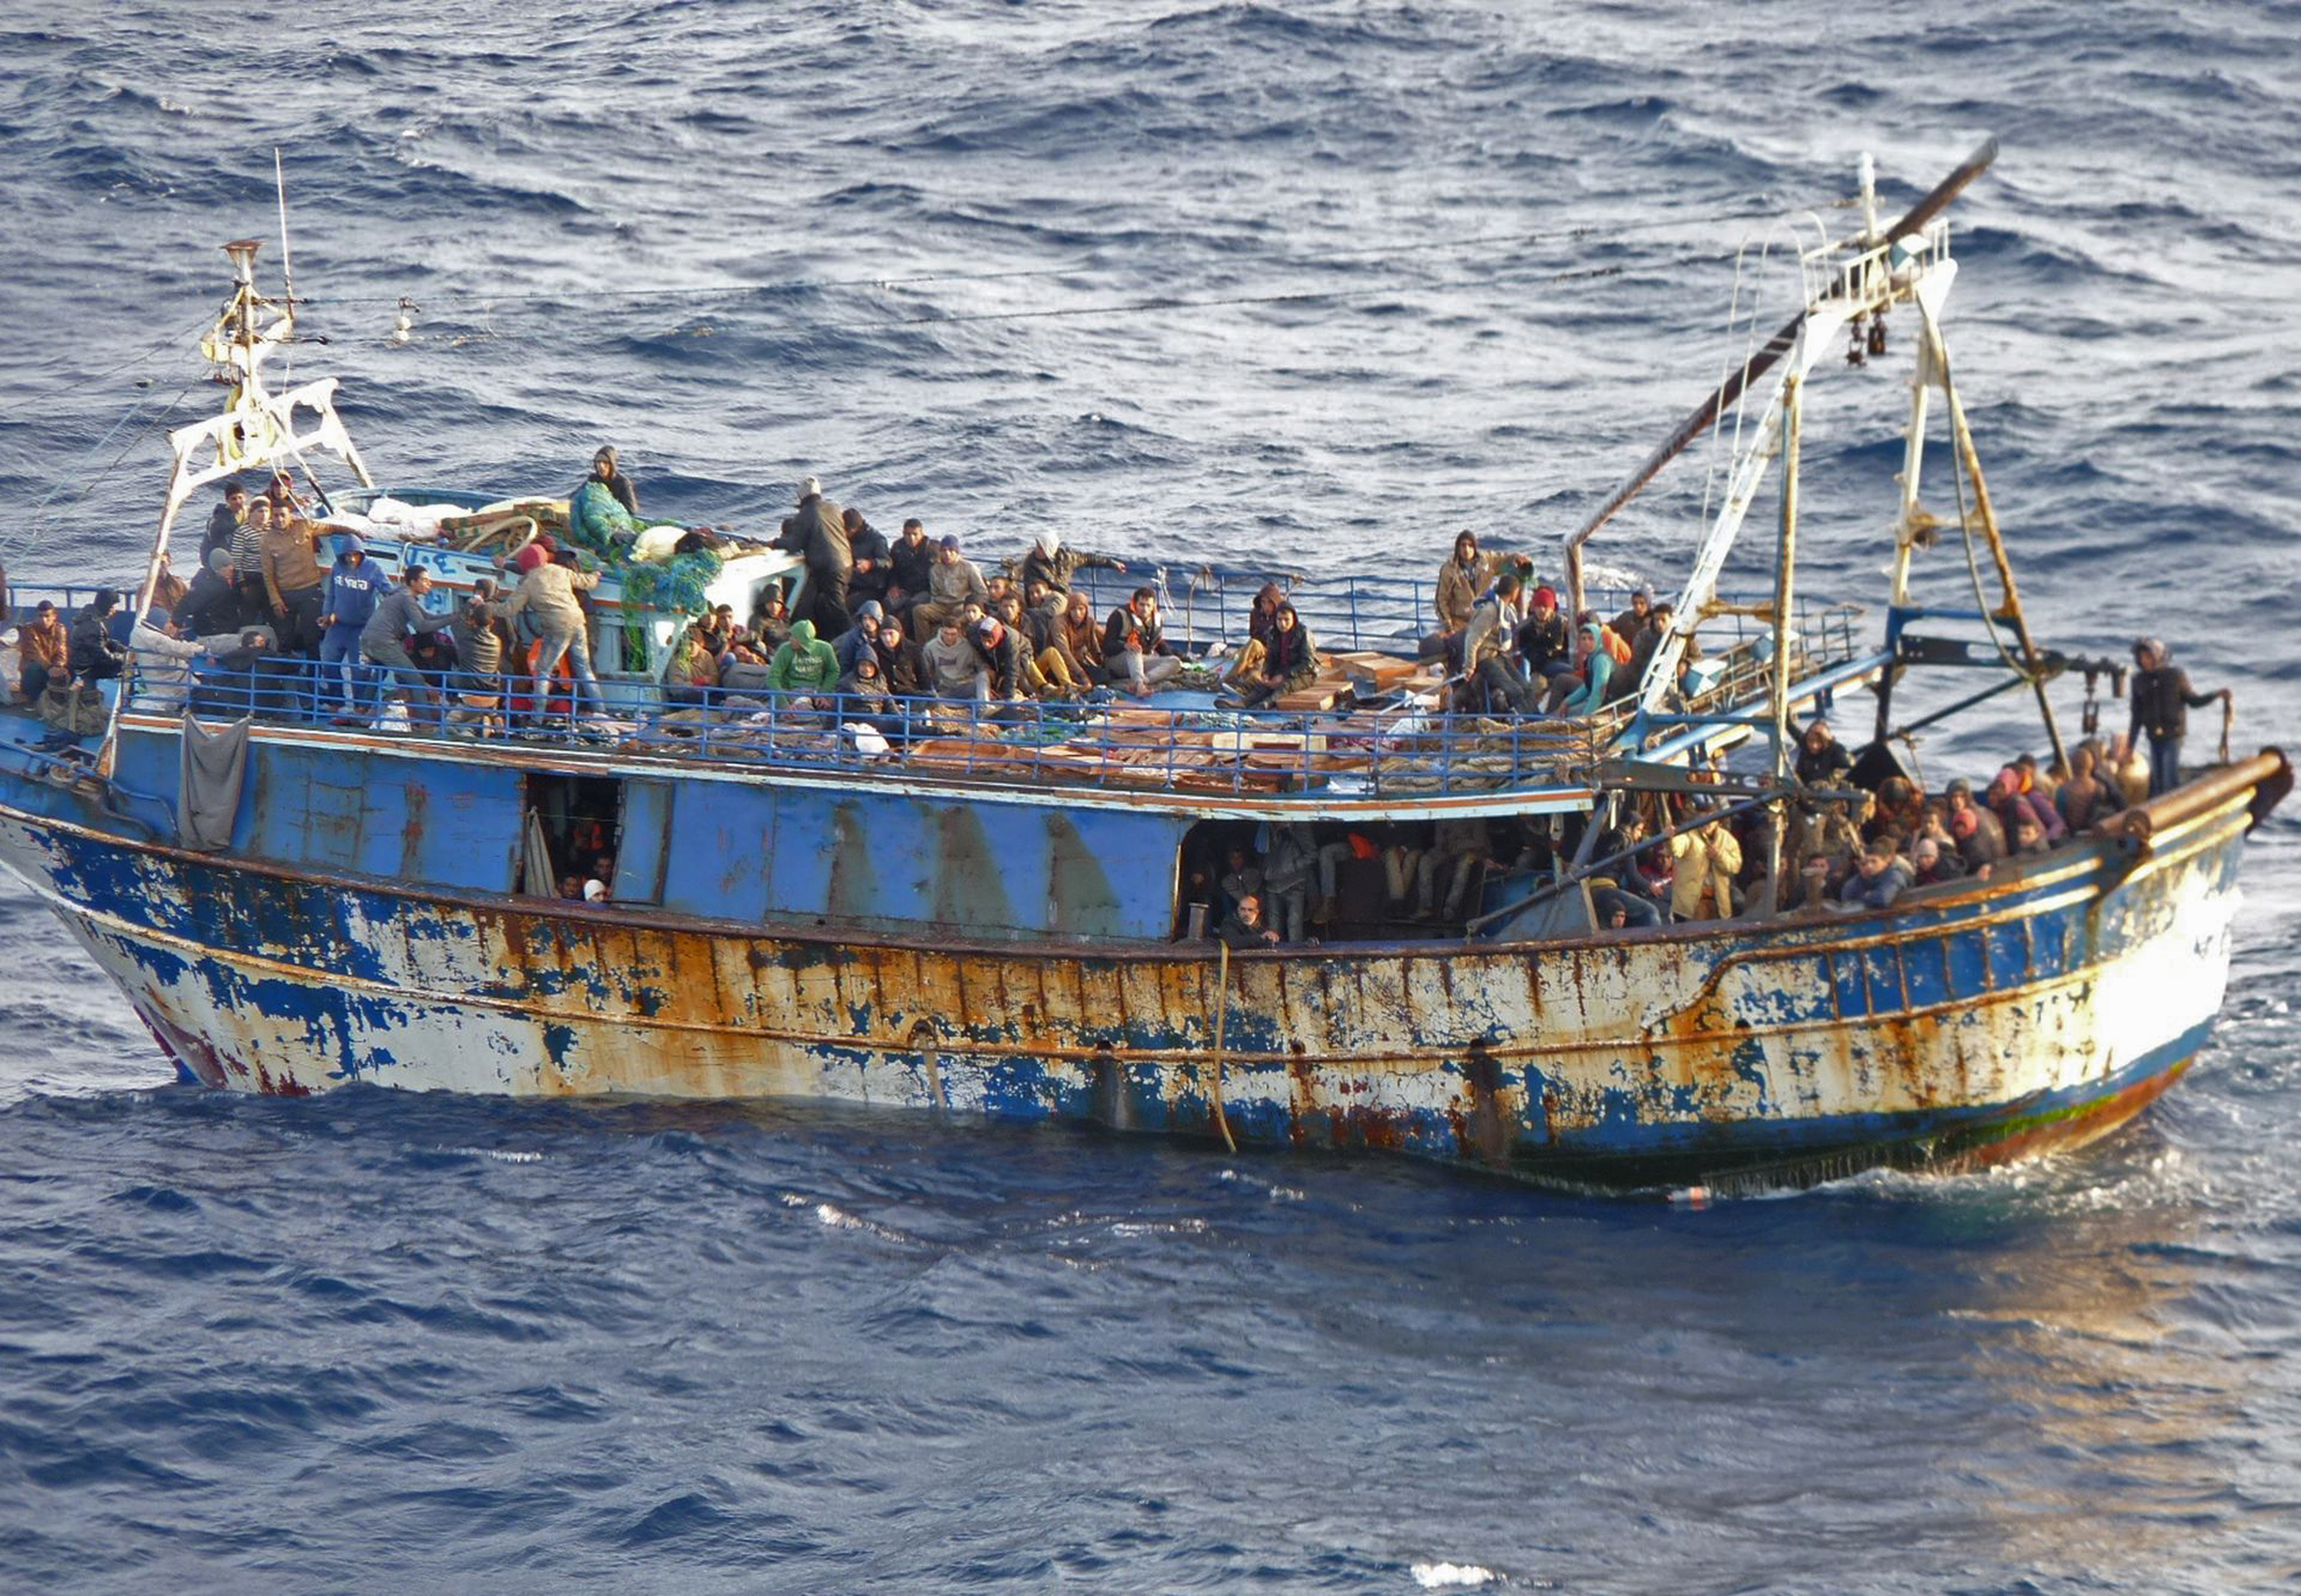 Πάνω από 10.000 οι μετανάστες που μπήκαν στη χώρα το α' τρίμηνο 2015   tovima.gr